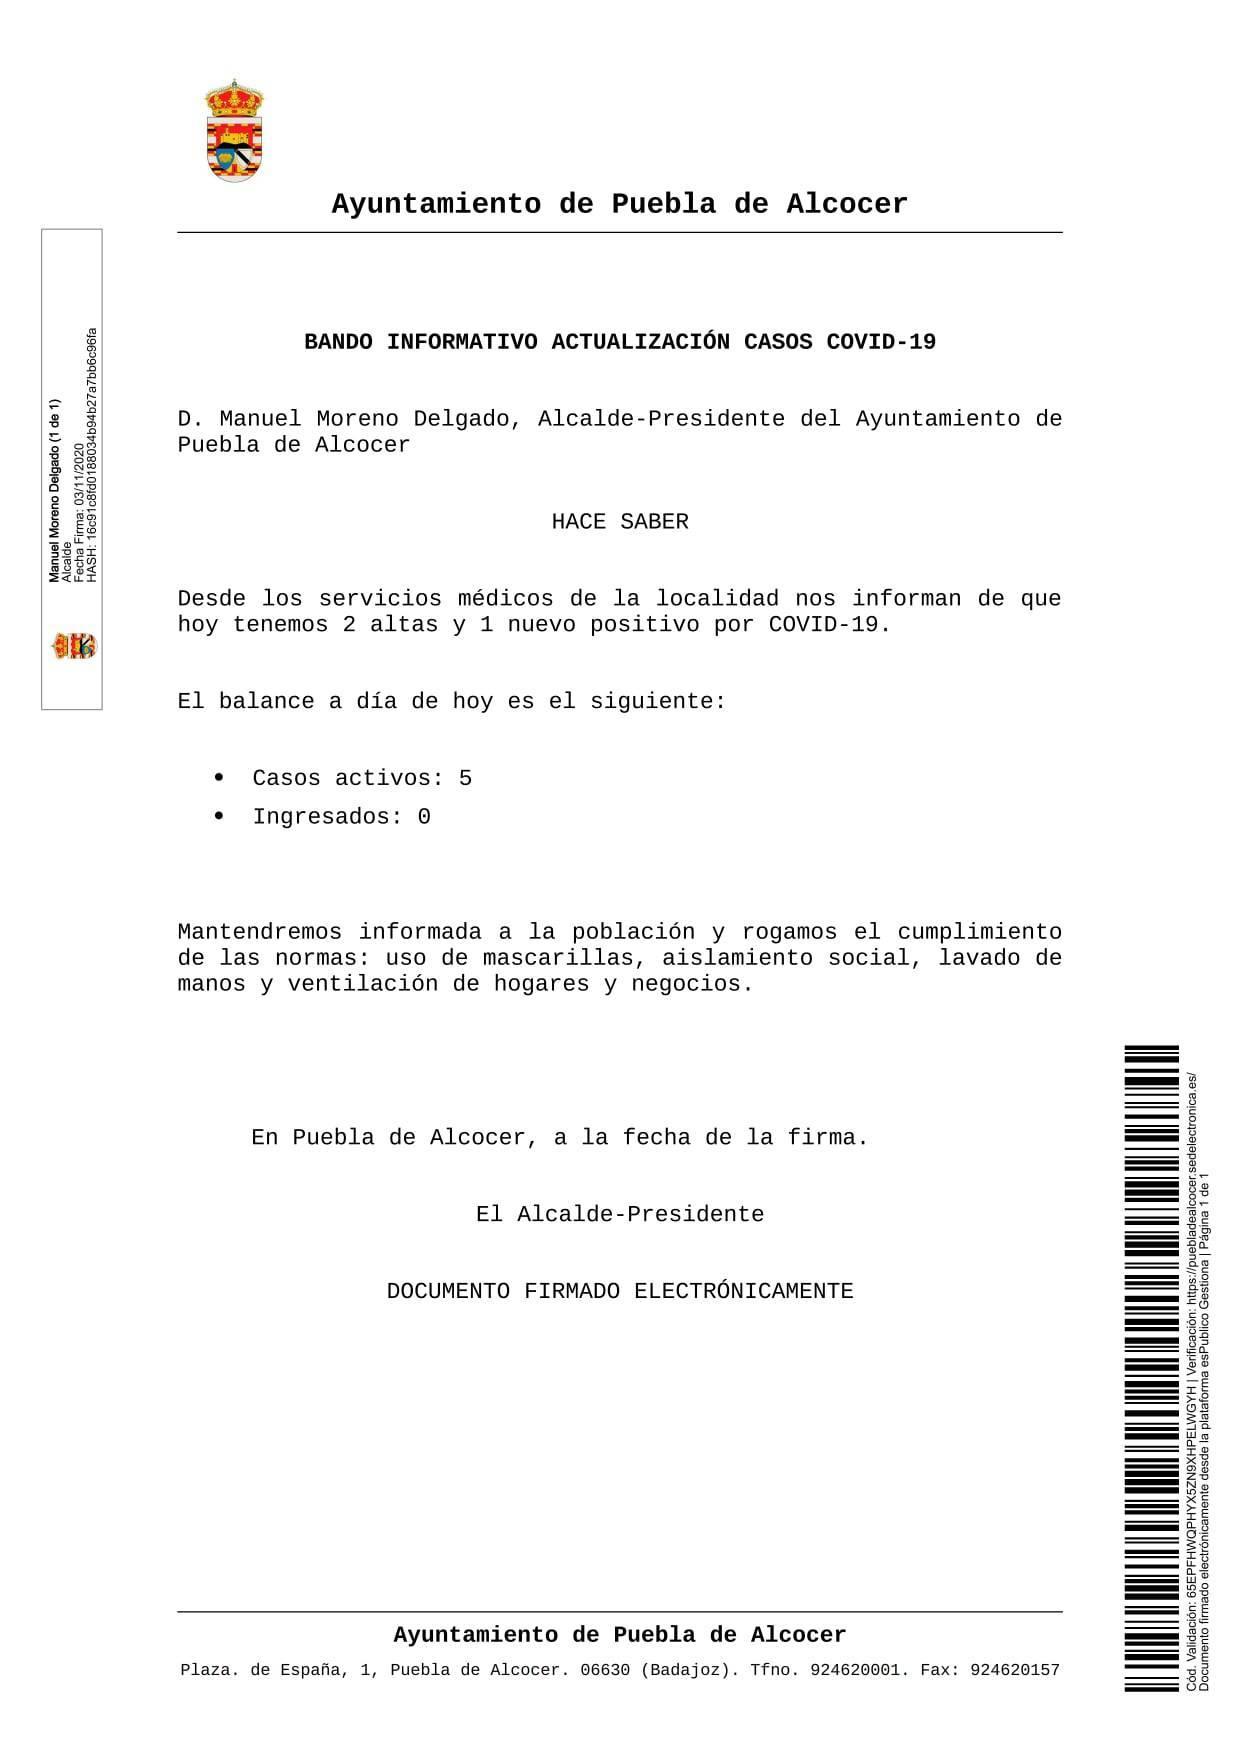 Nuevo caso positivo de COVID-19 (noviembre 2020) - Puebla de Alcocer (Badajoz)